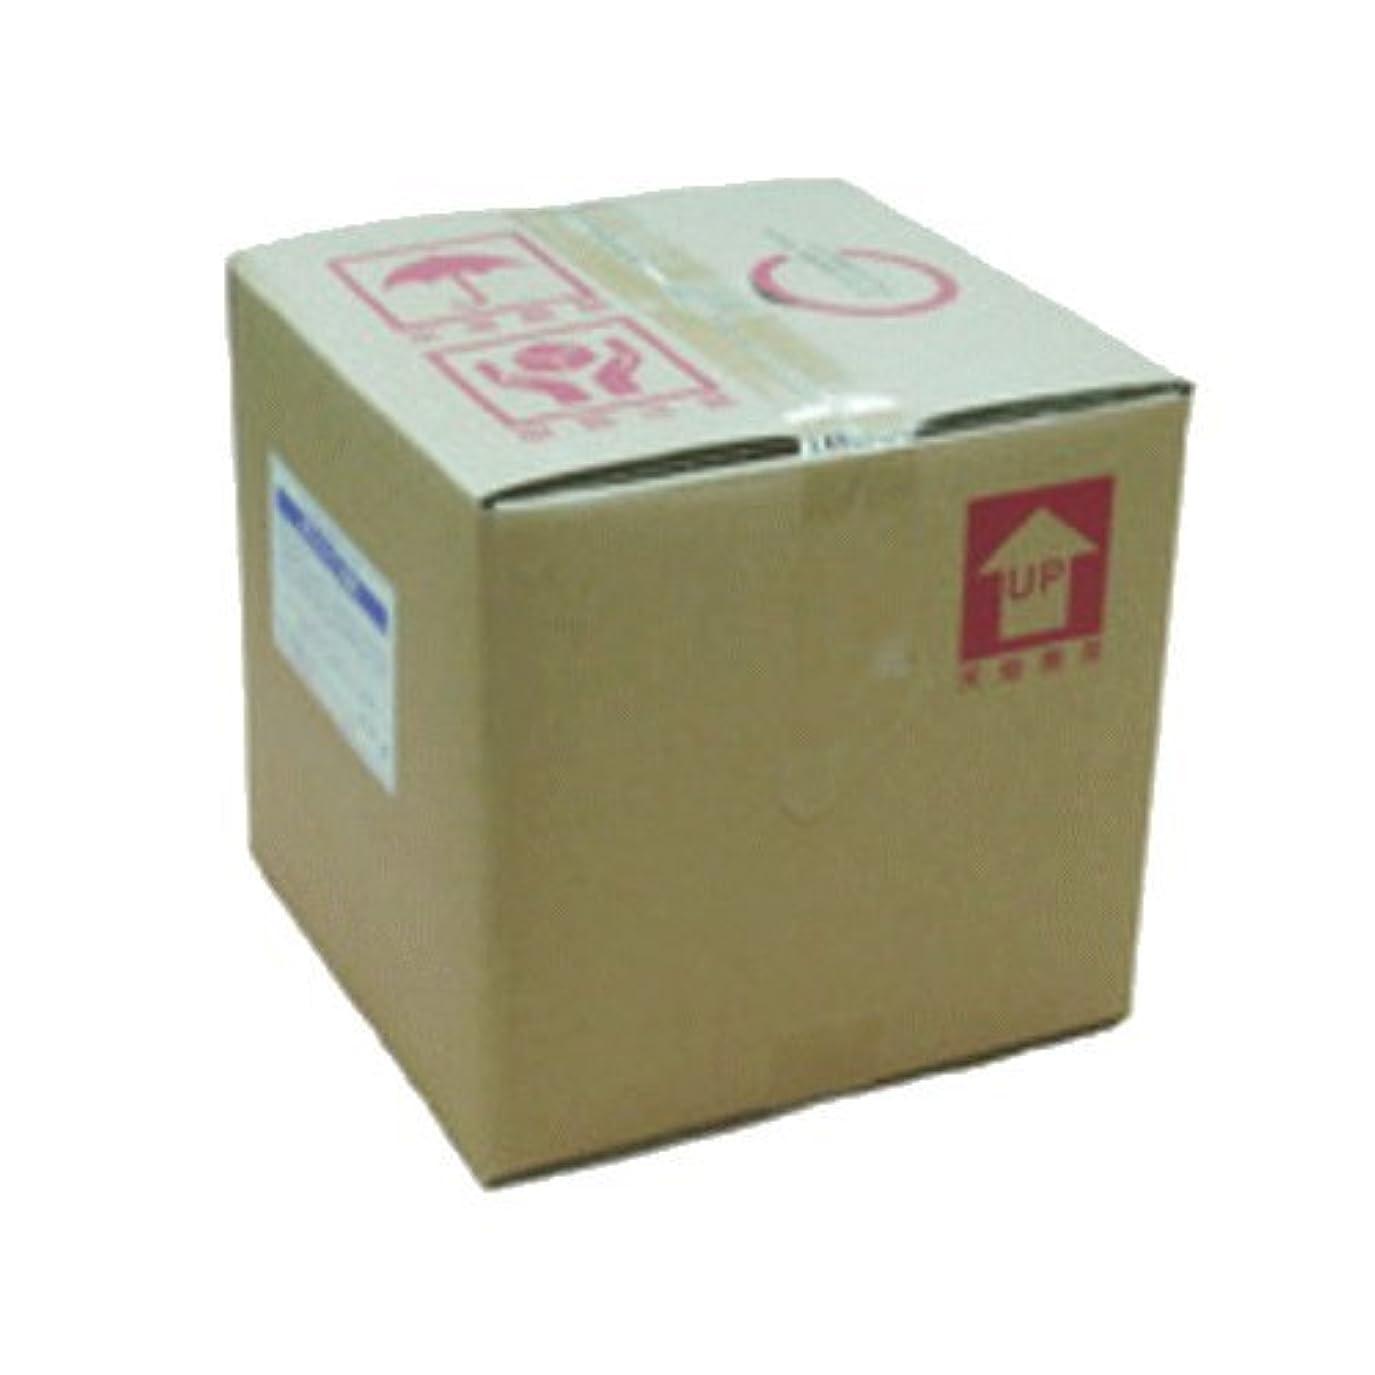 箱恋人スキッパーウインドヒル 業務用ボディソープ20L